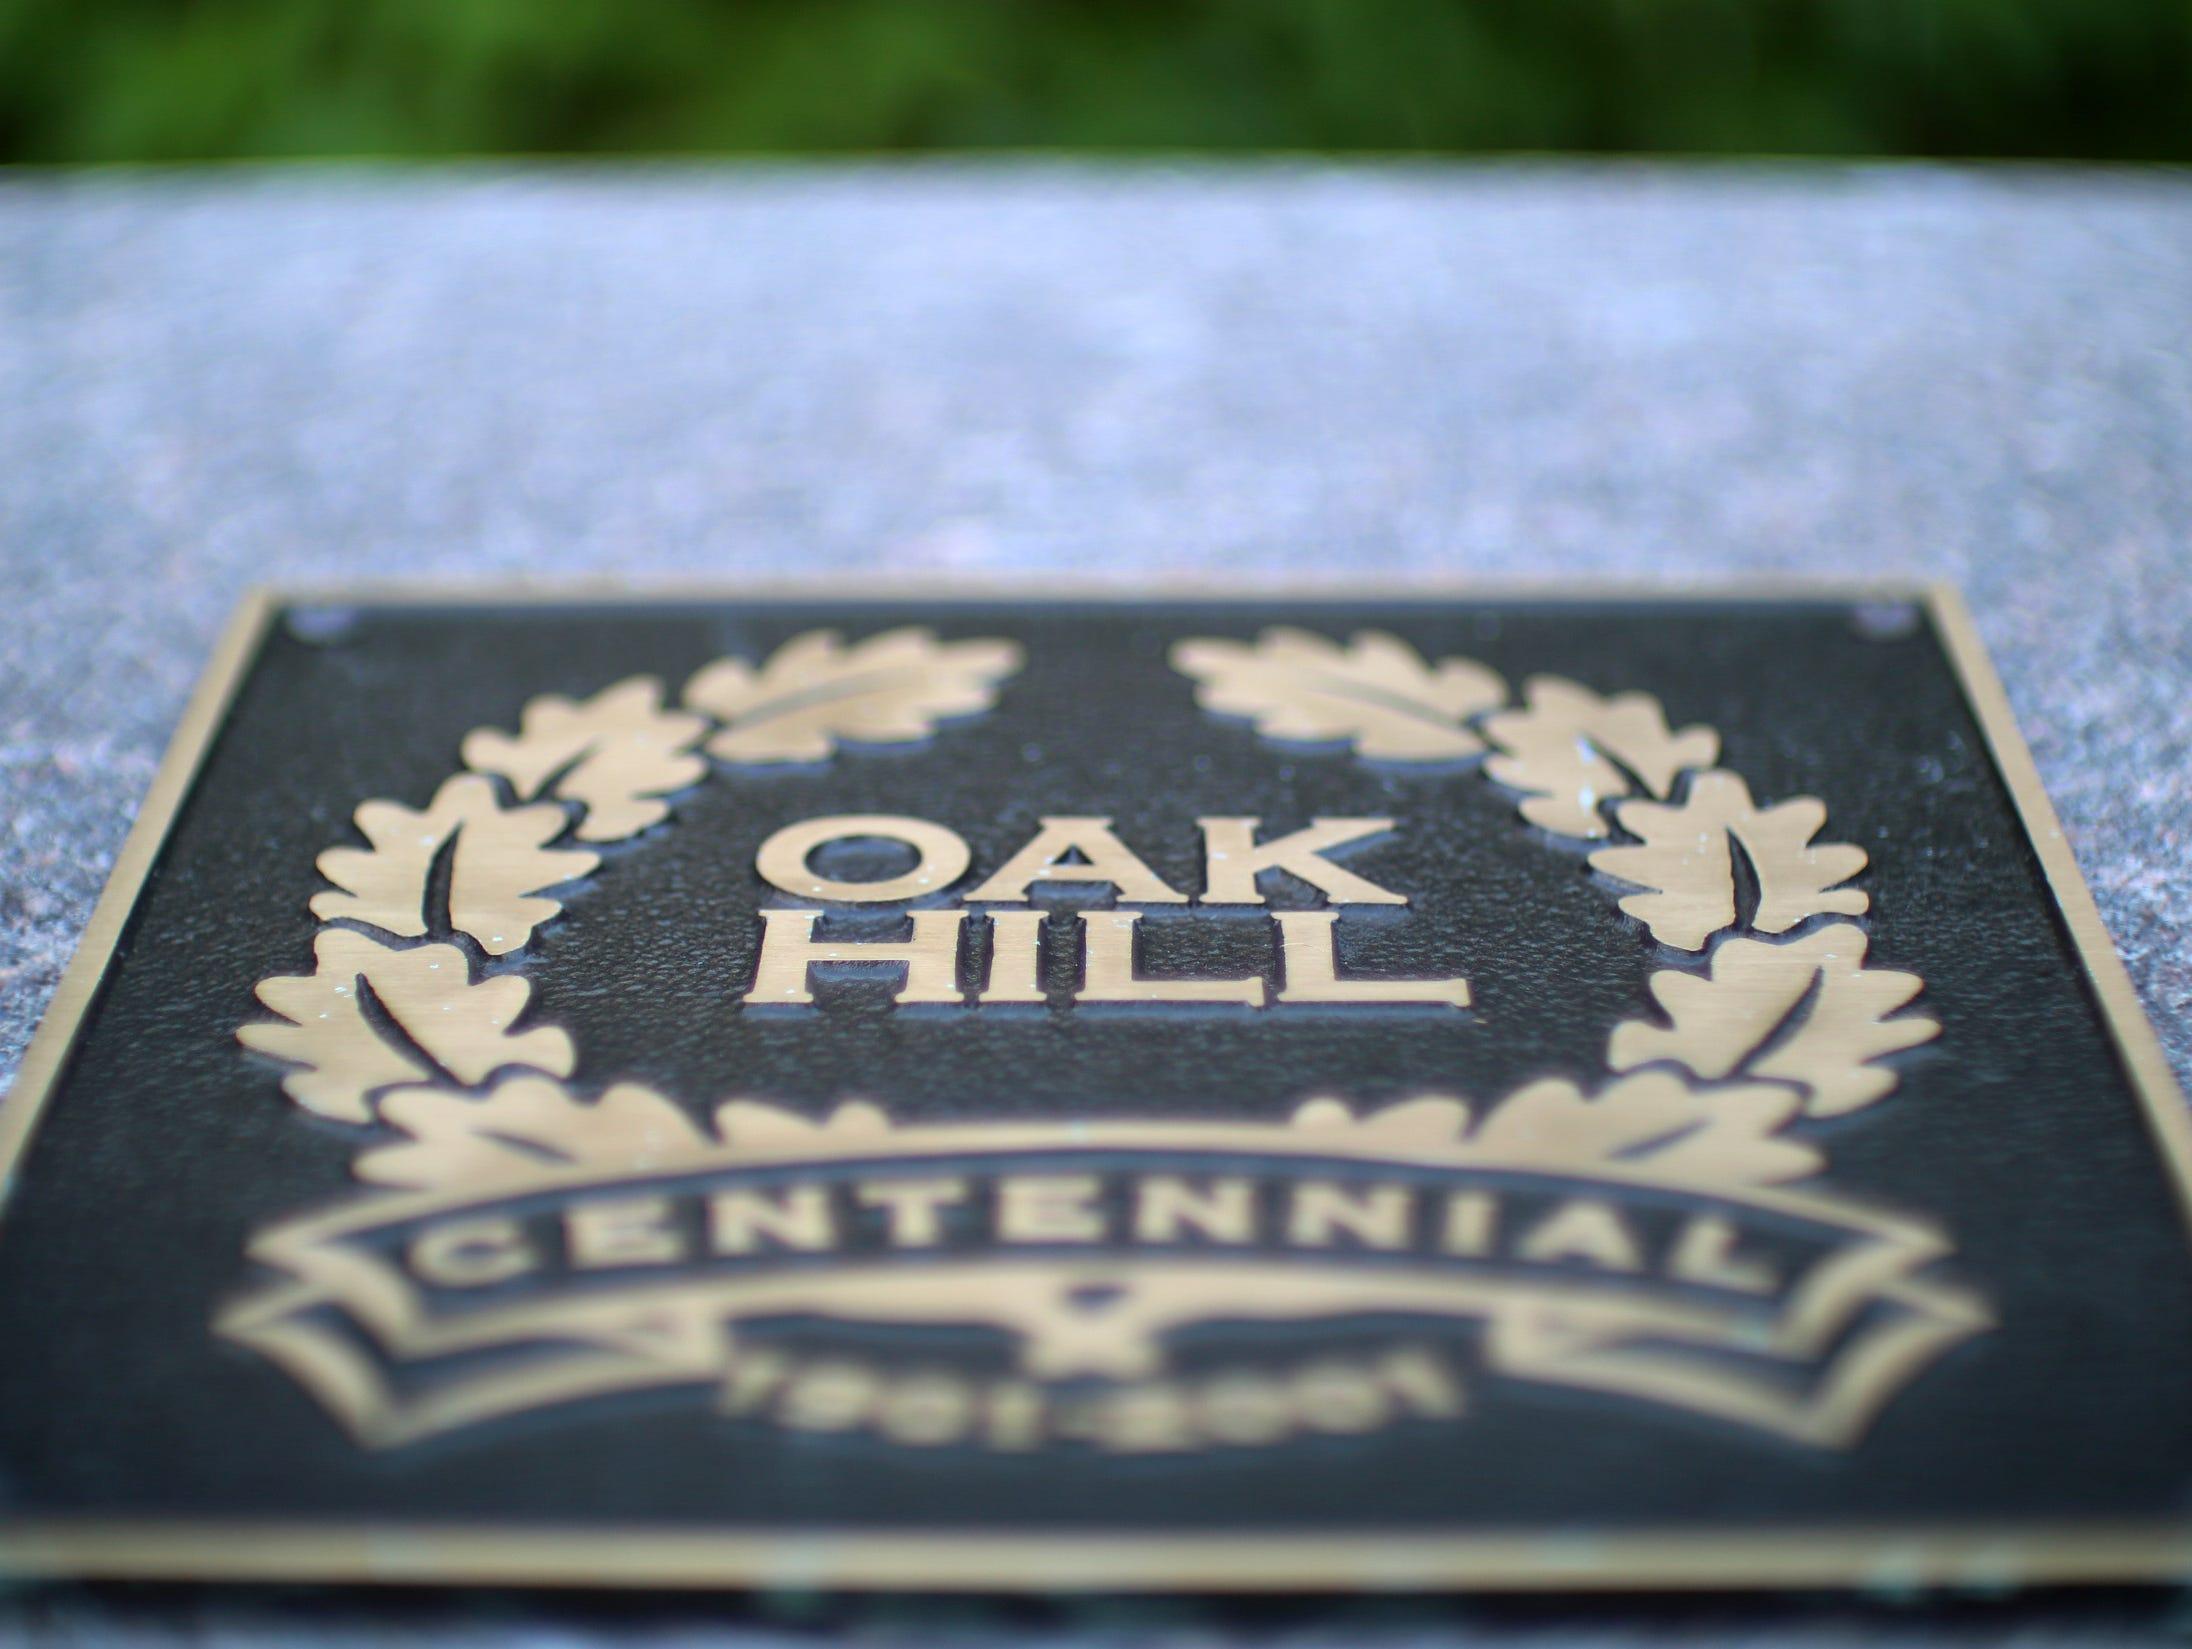 A plaque notes the Oak Hill centennial.